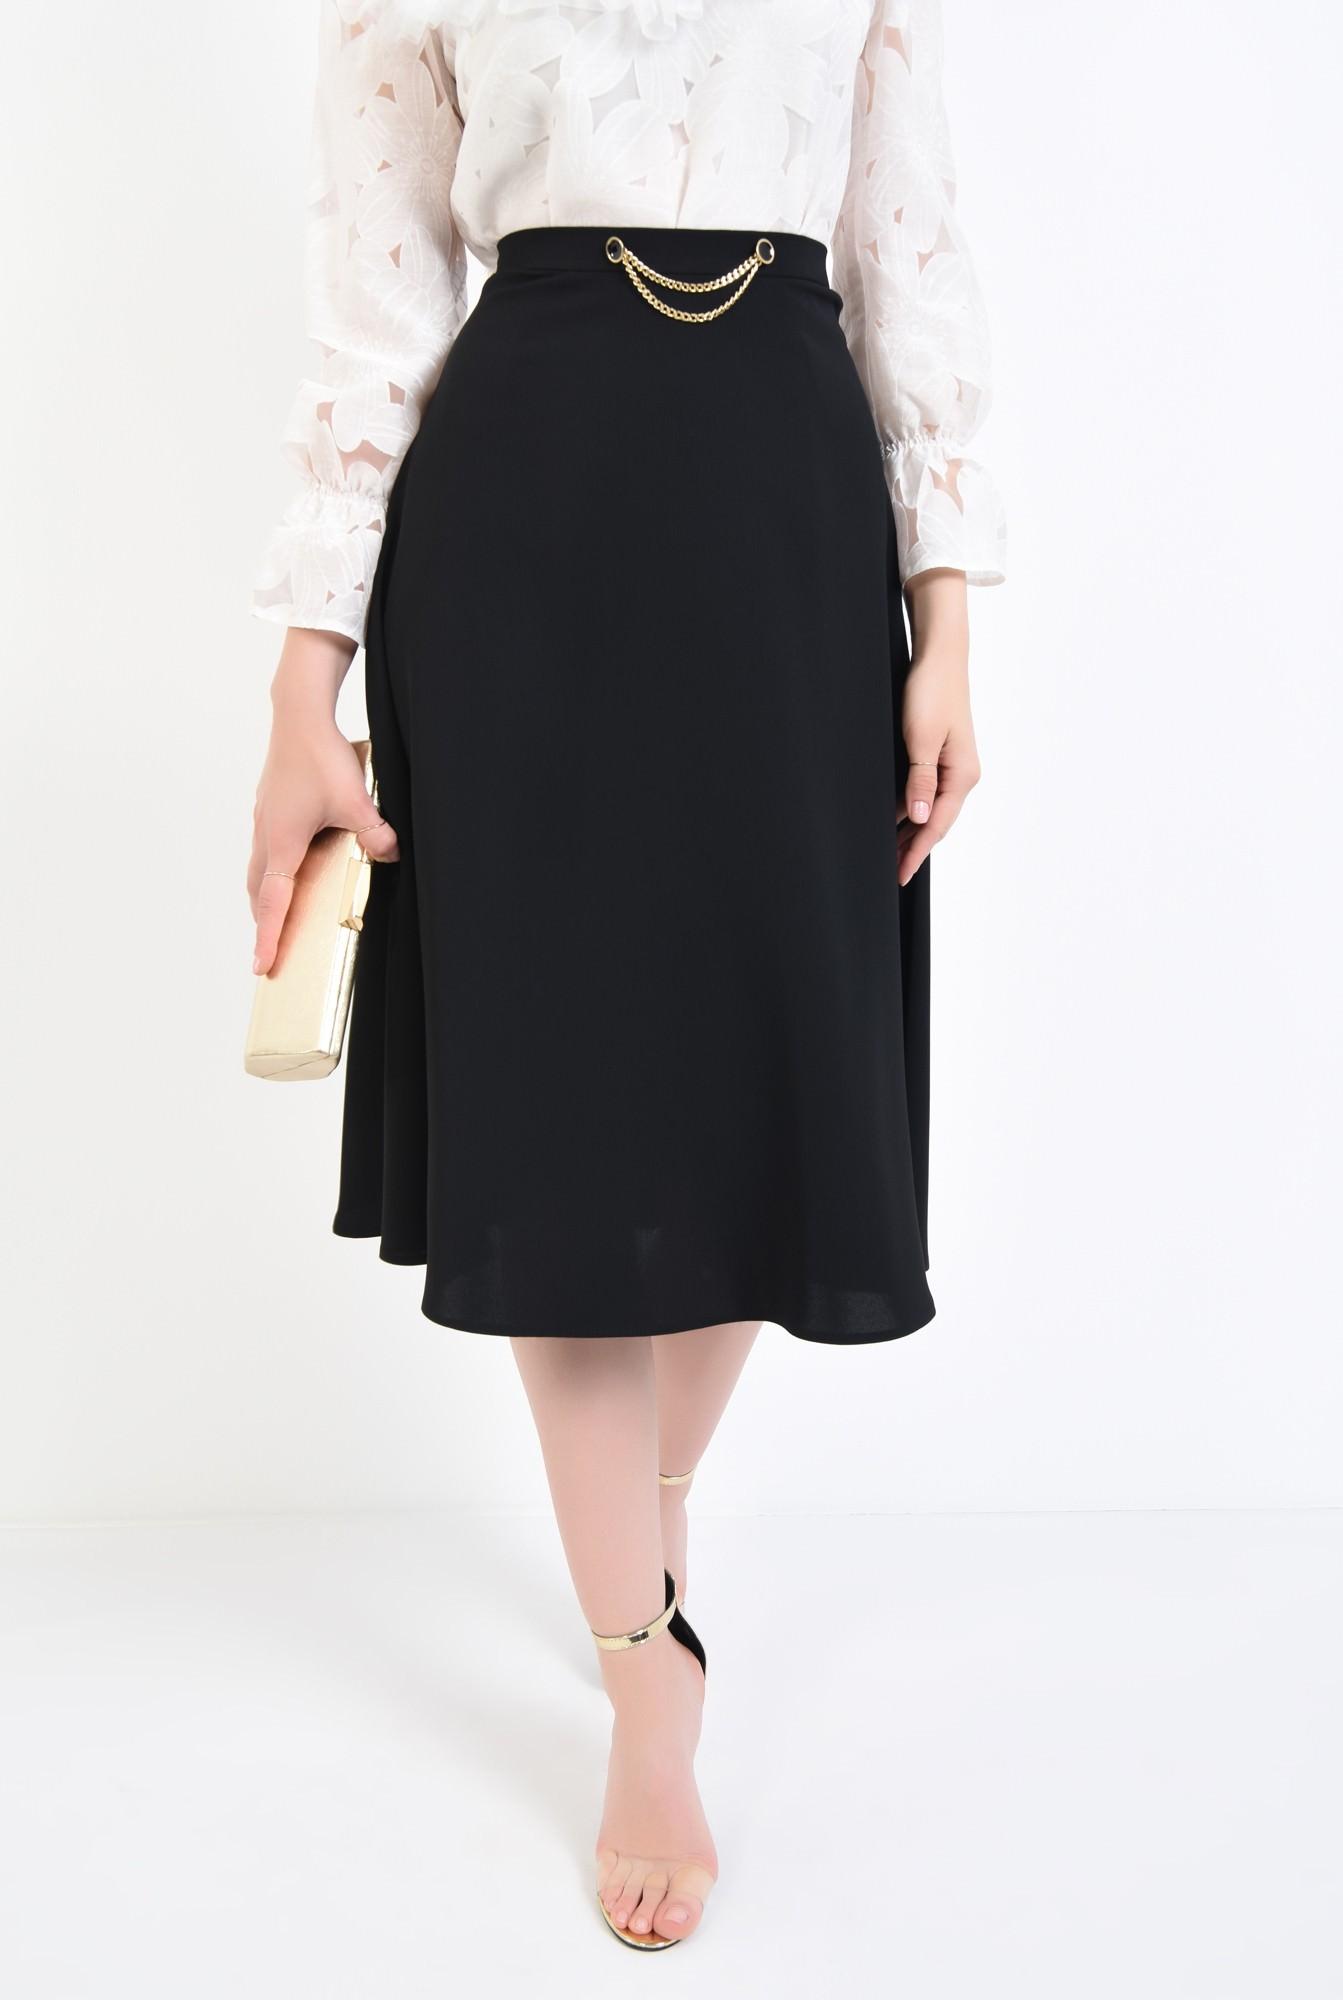 2 - fusta eleganta, midi, negru, cloche